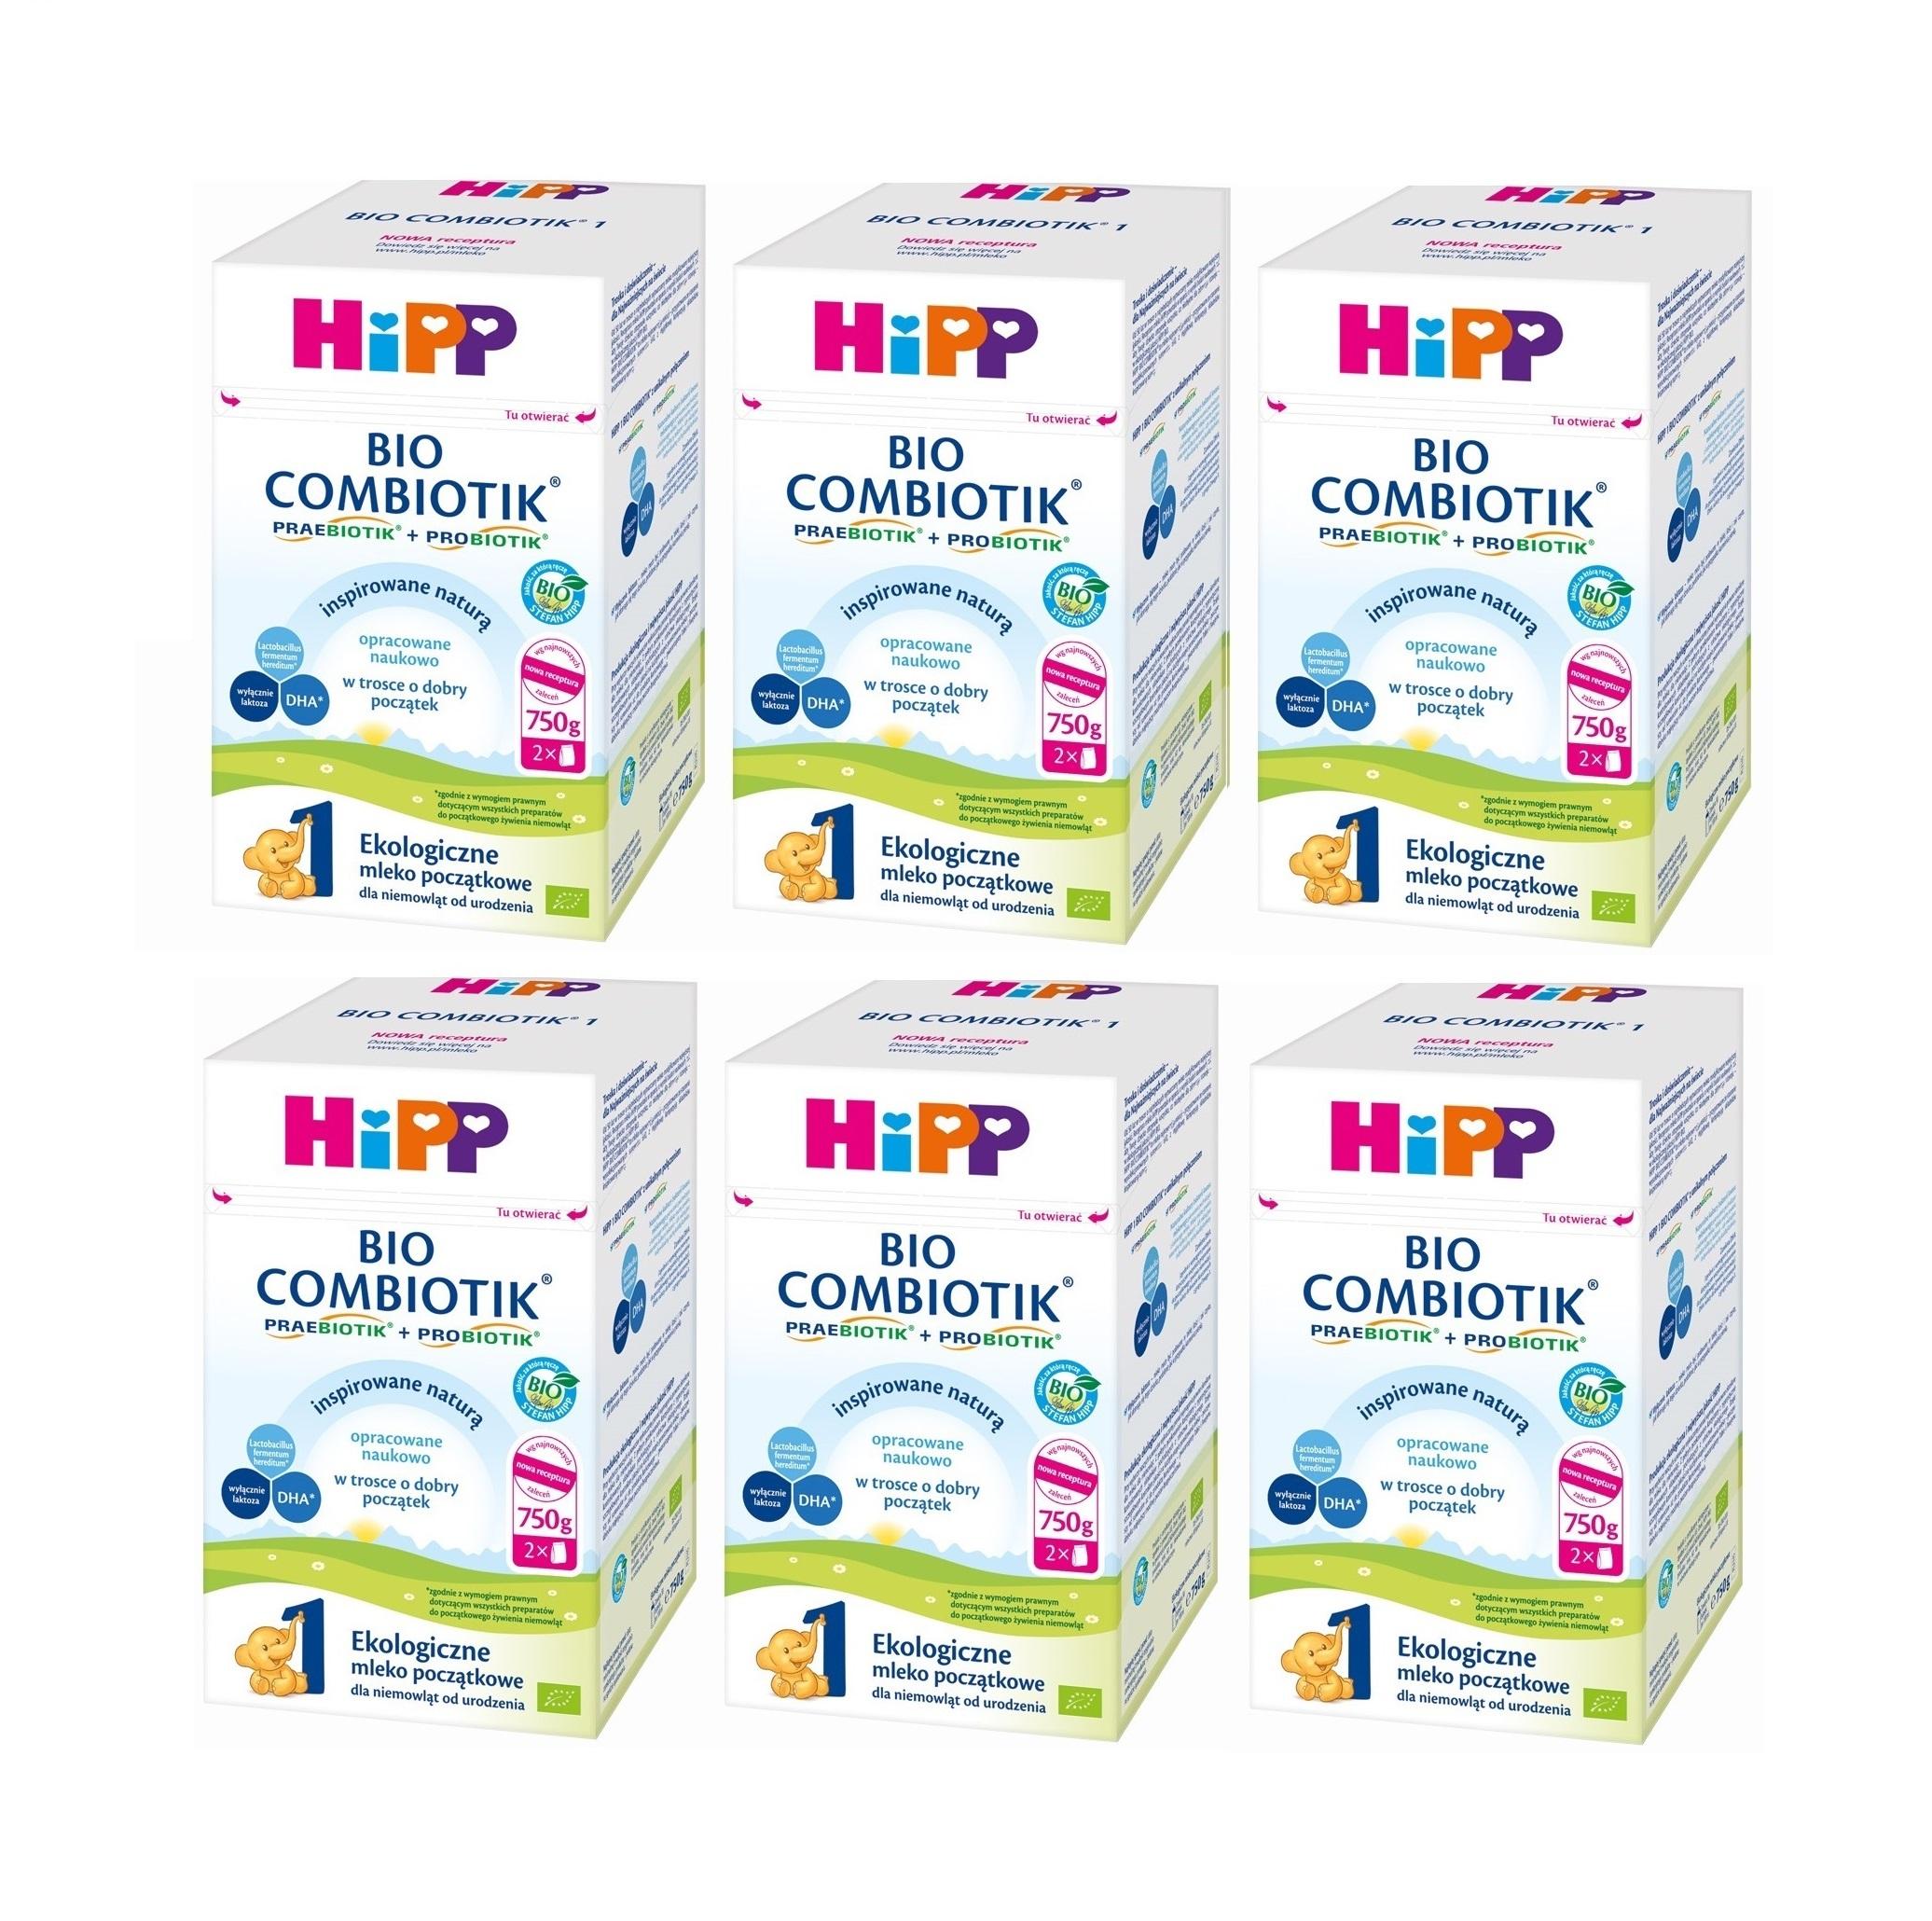 mleko 1 6x_750g hipp bez znaczka